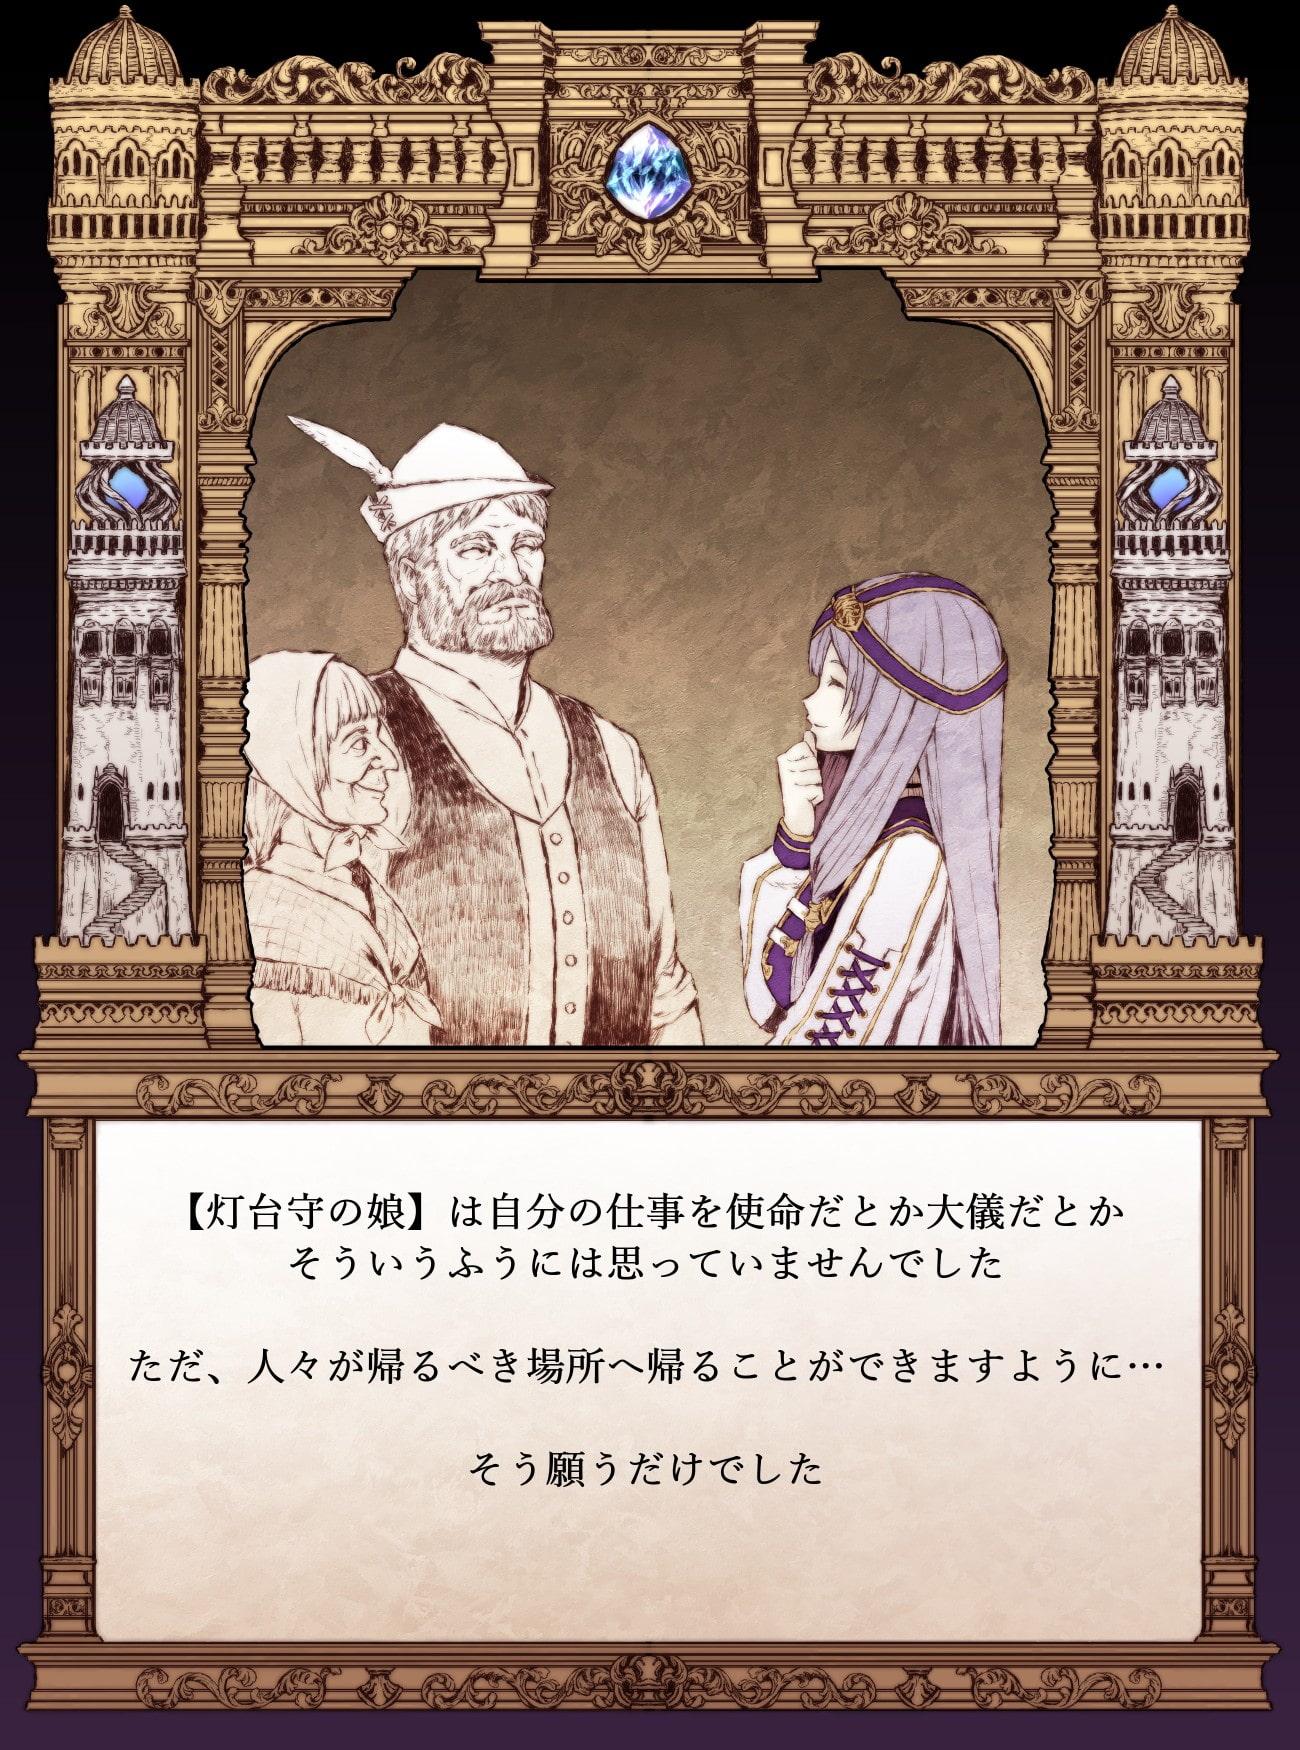 【絵本】忘れられた灯台の記憶